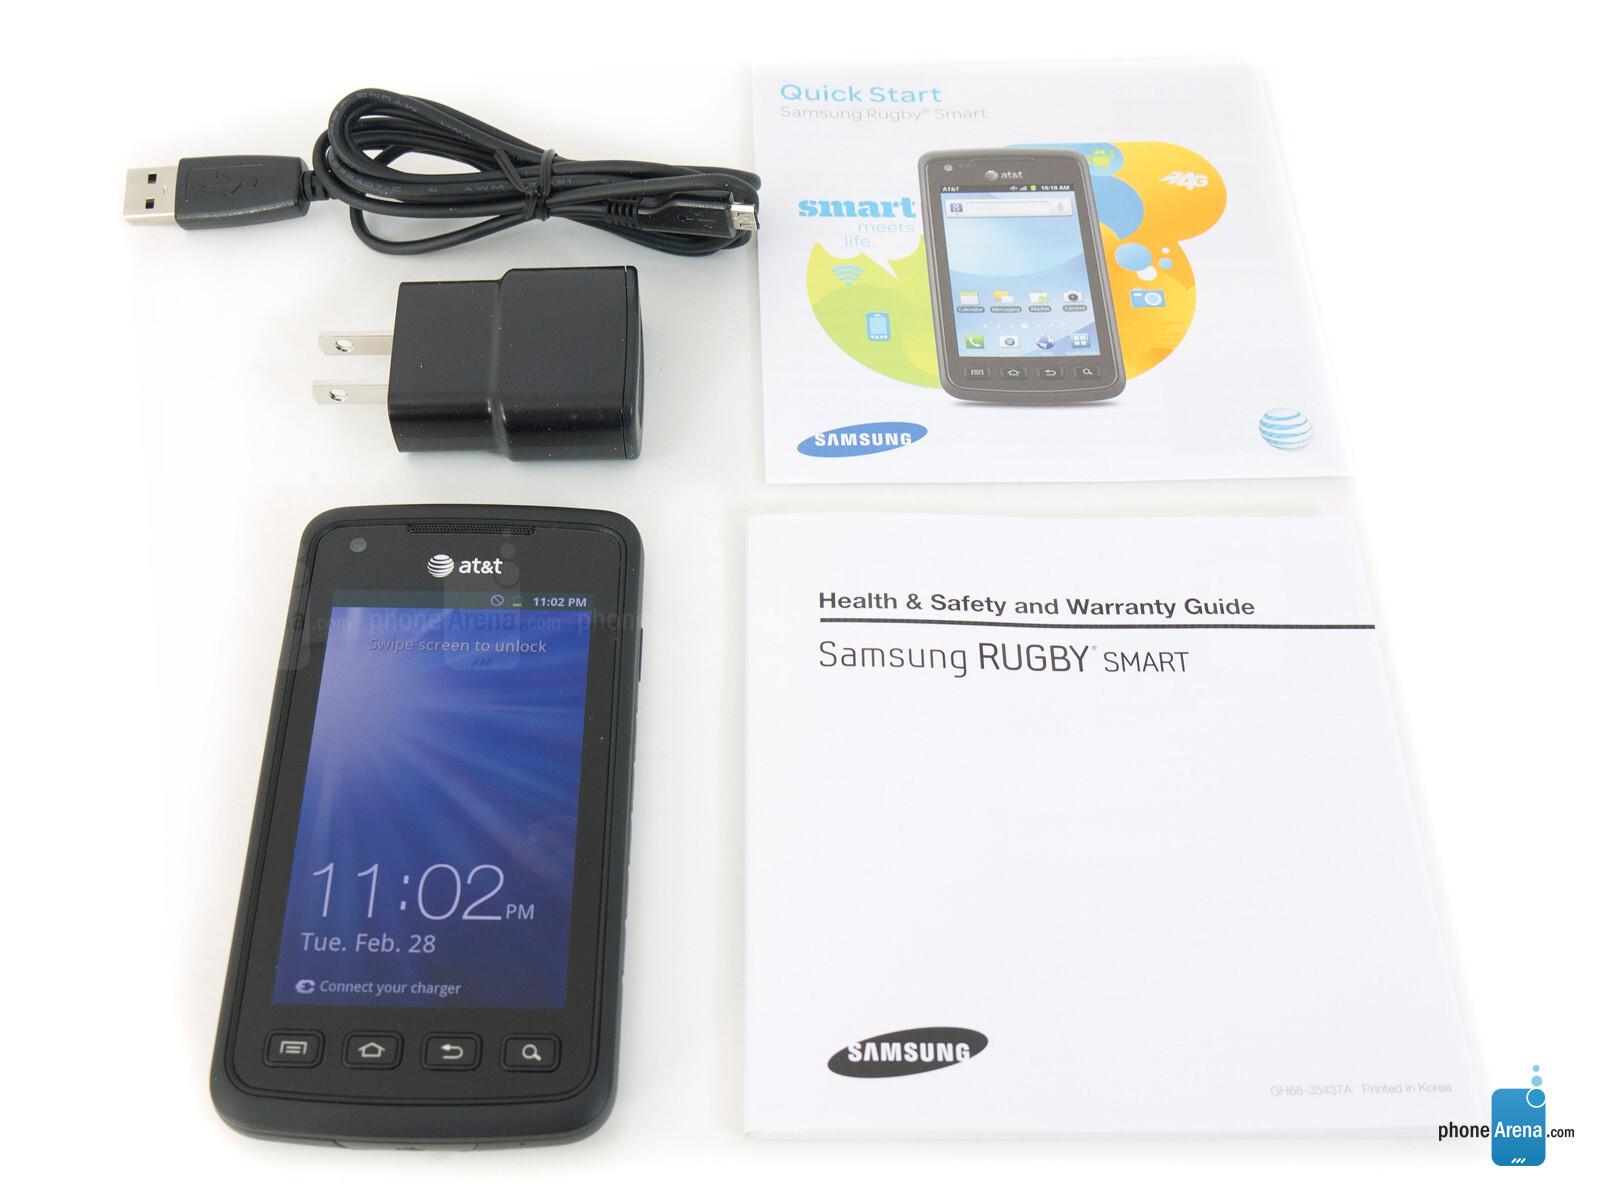 samsung rugby smart photos rh phonearena com Samsung Rugby Smart Manual Samsung Rugby Smart Manual